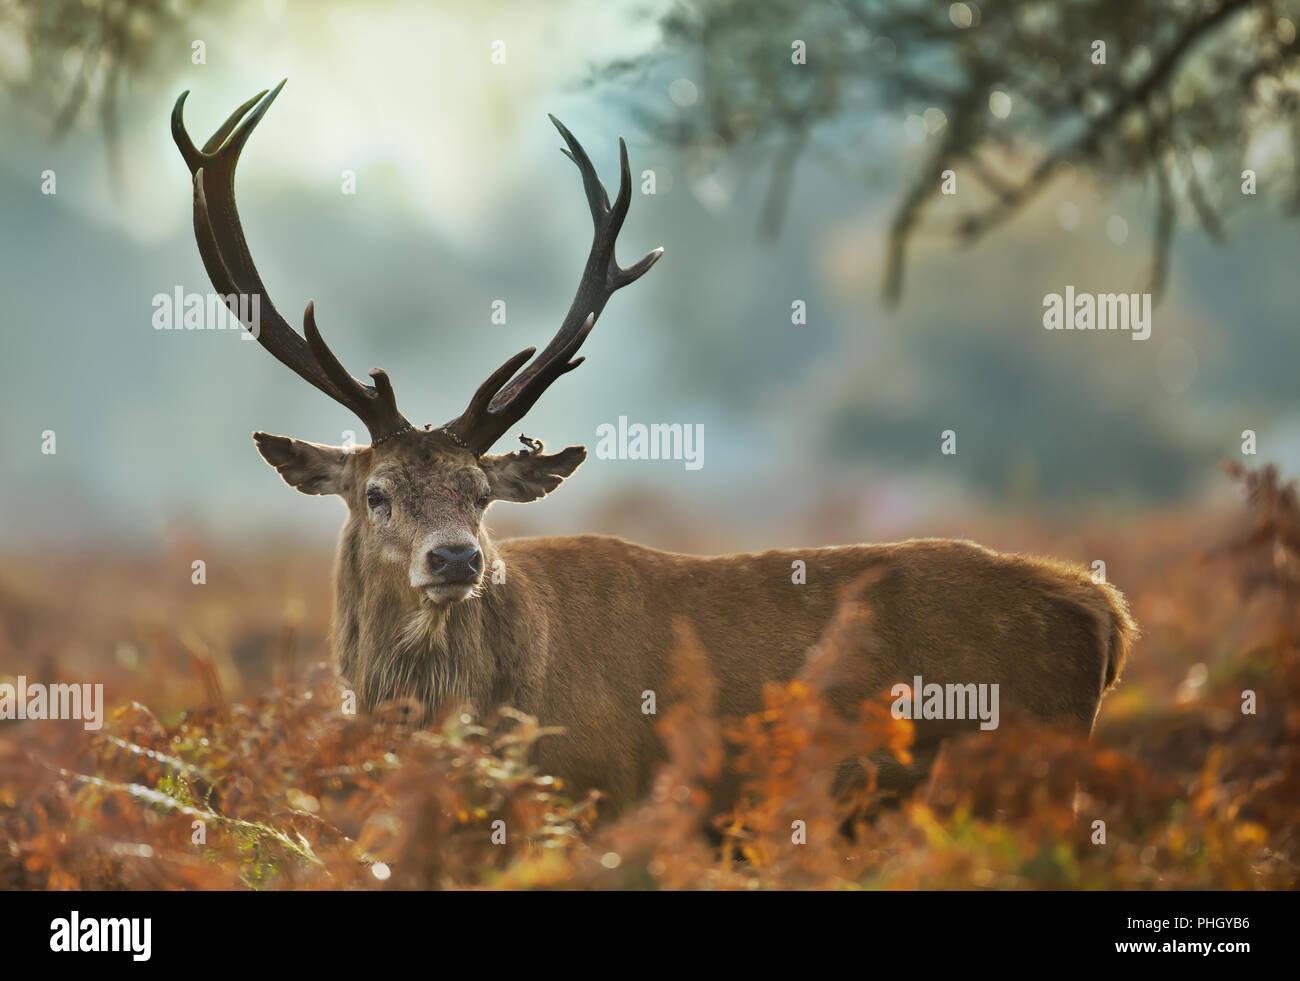 Close-up of a red deer stag avec une oreille blessés pendant la saison du rut, au Royaume-Uni. Photo Stock